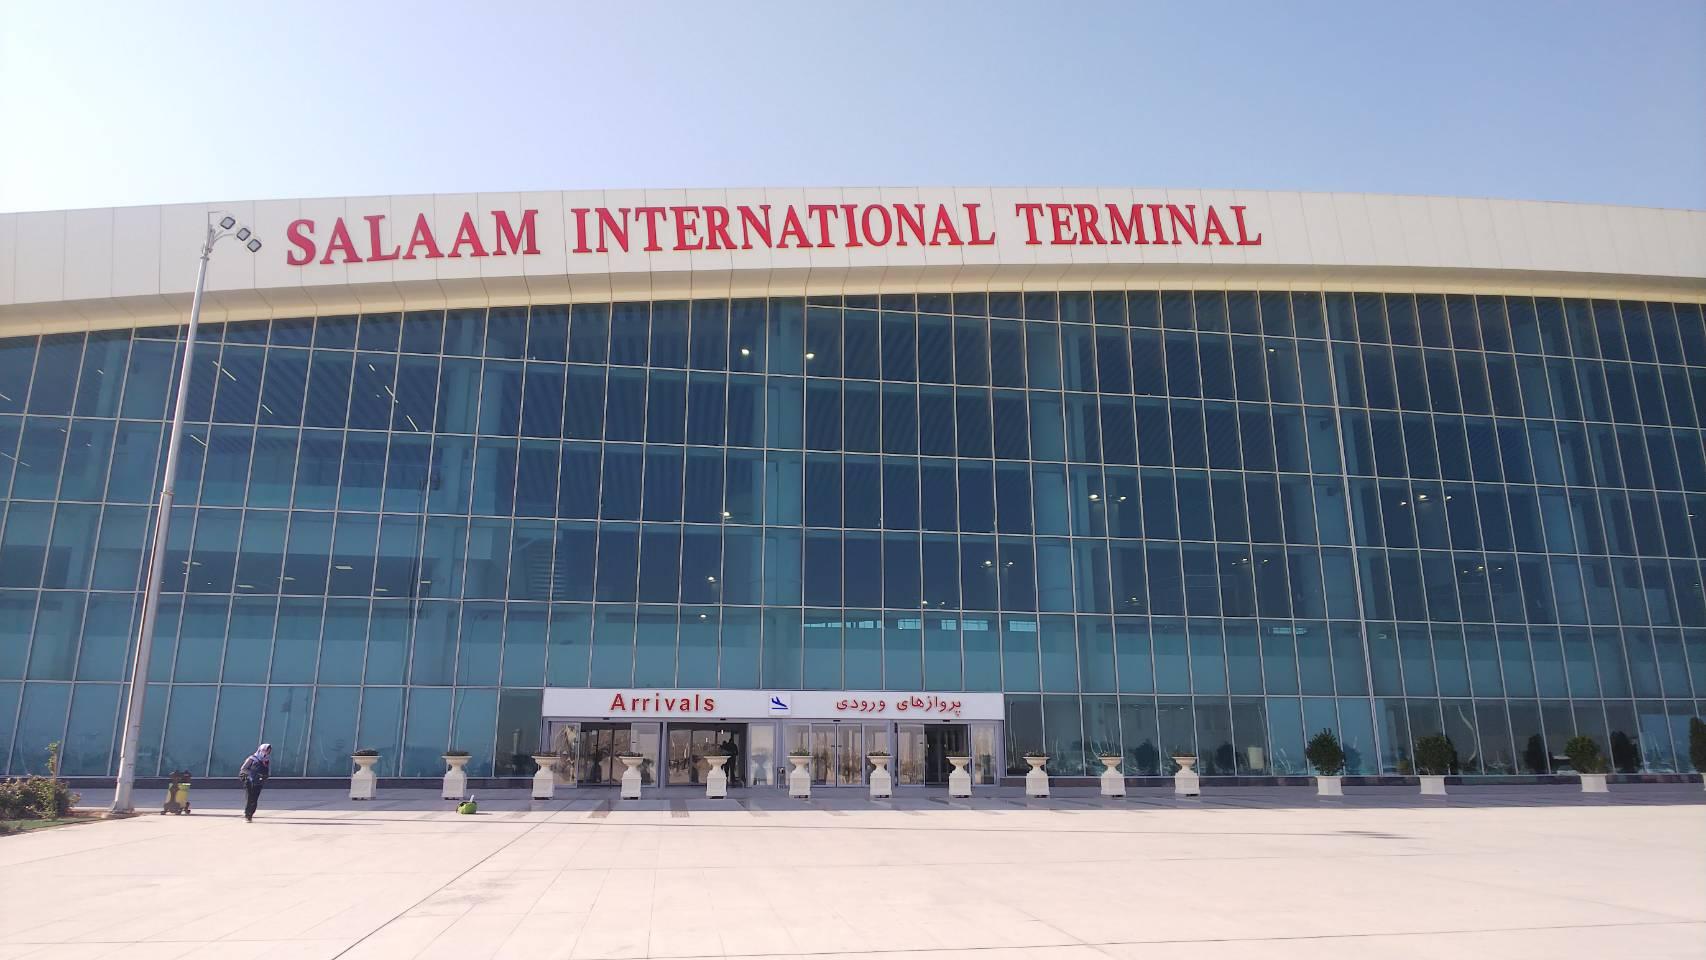 イランの空港でアライバルビザの取得する方法とスタンプについて